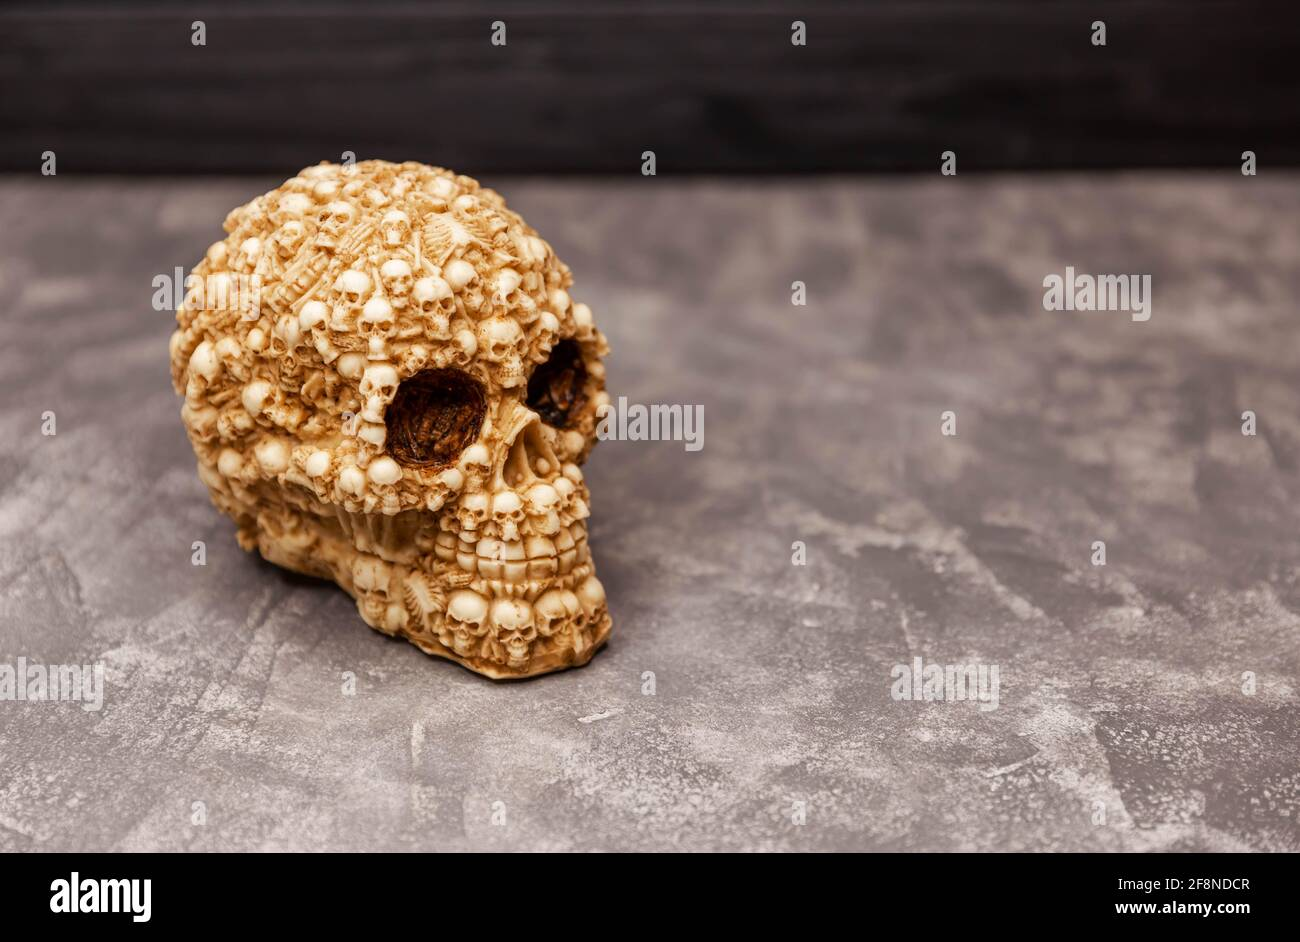 Cráneo de miedo humano sobre fondo negro. Concepto místico de Halloween Foto de stock